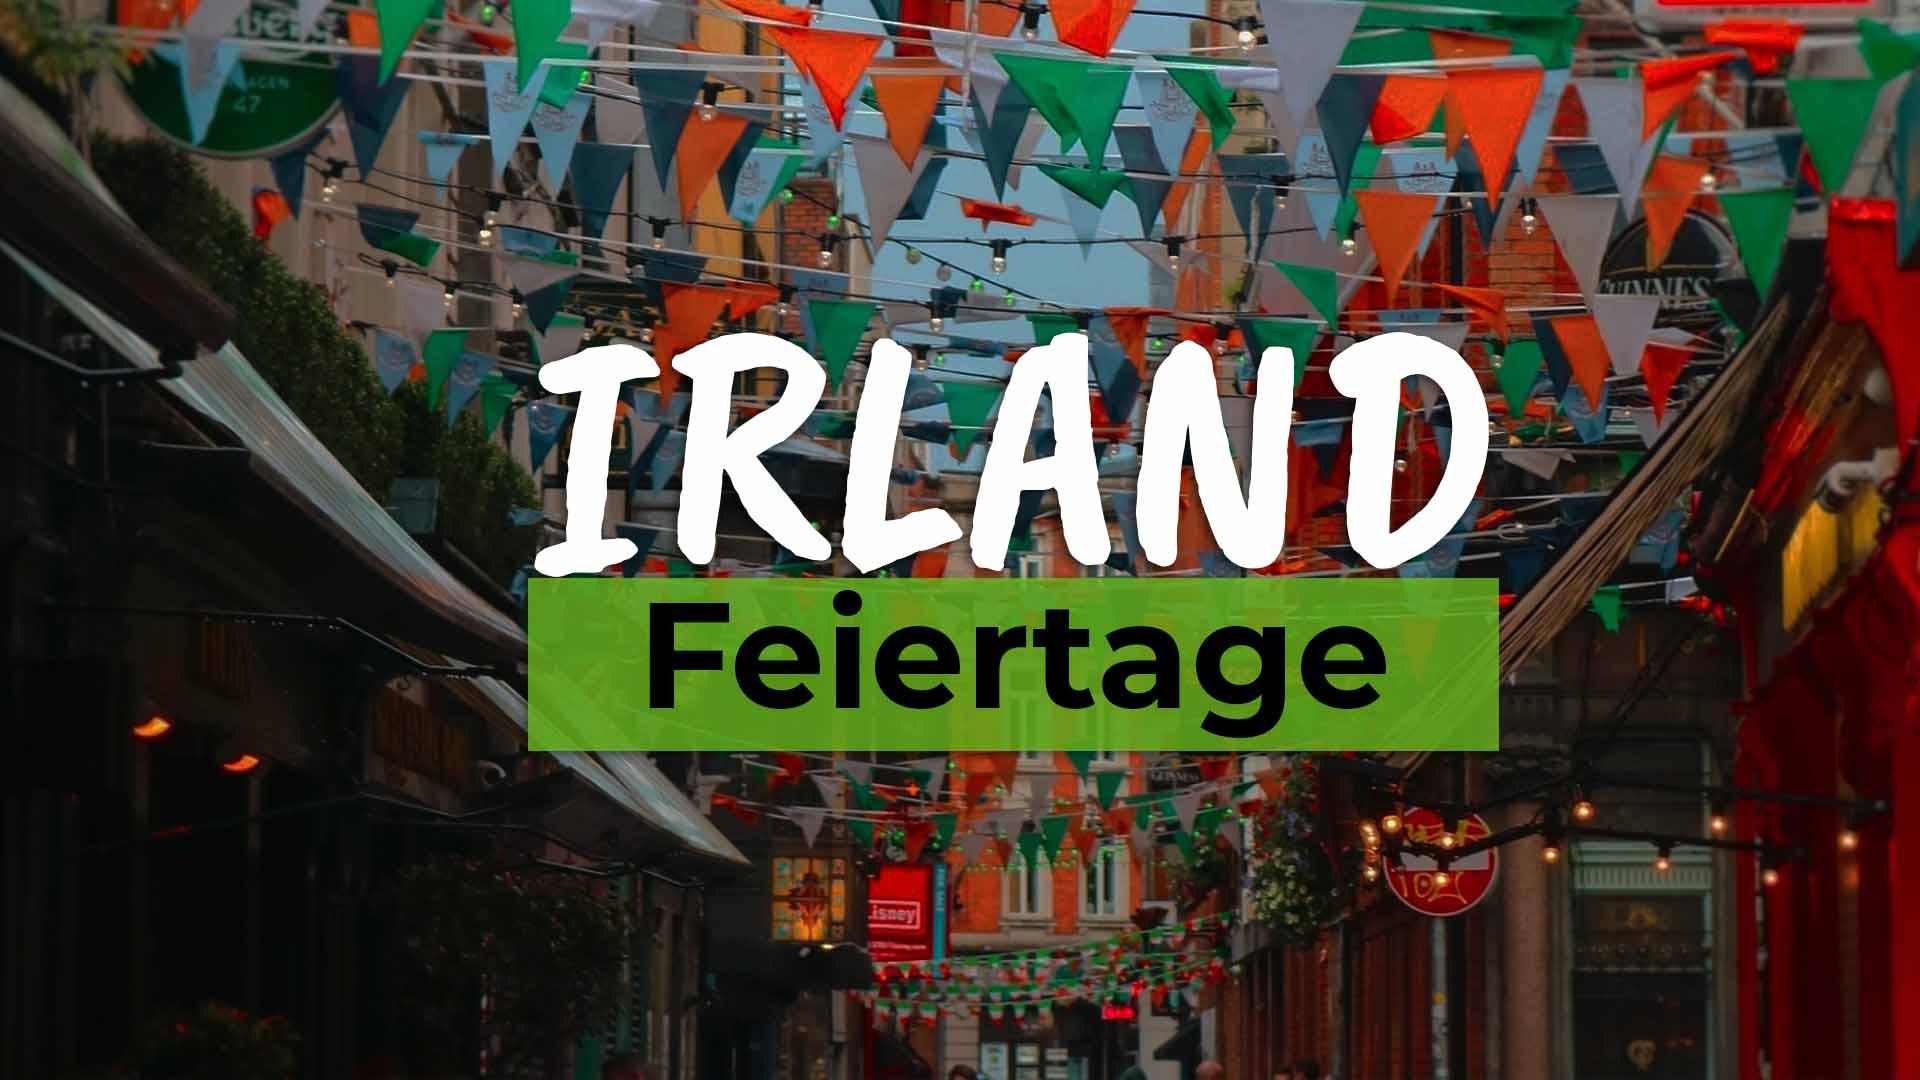 Die 5 größten Feiertage in Irland - Cover